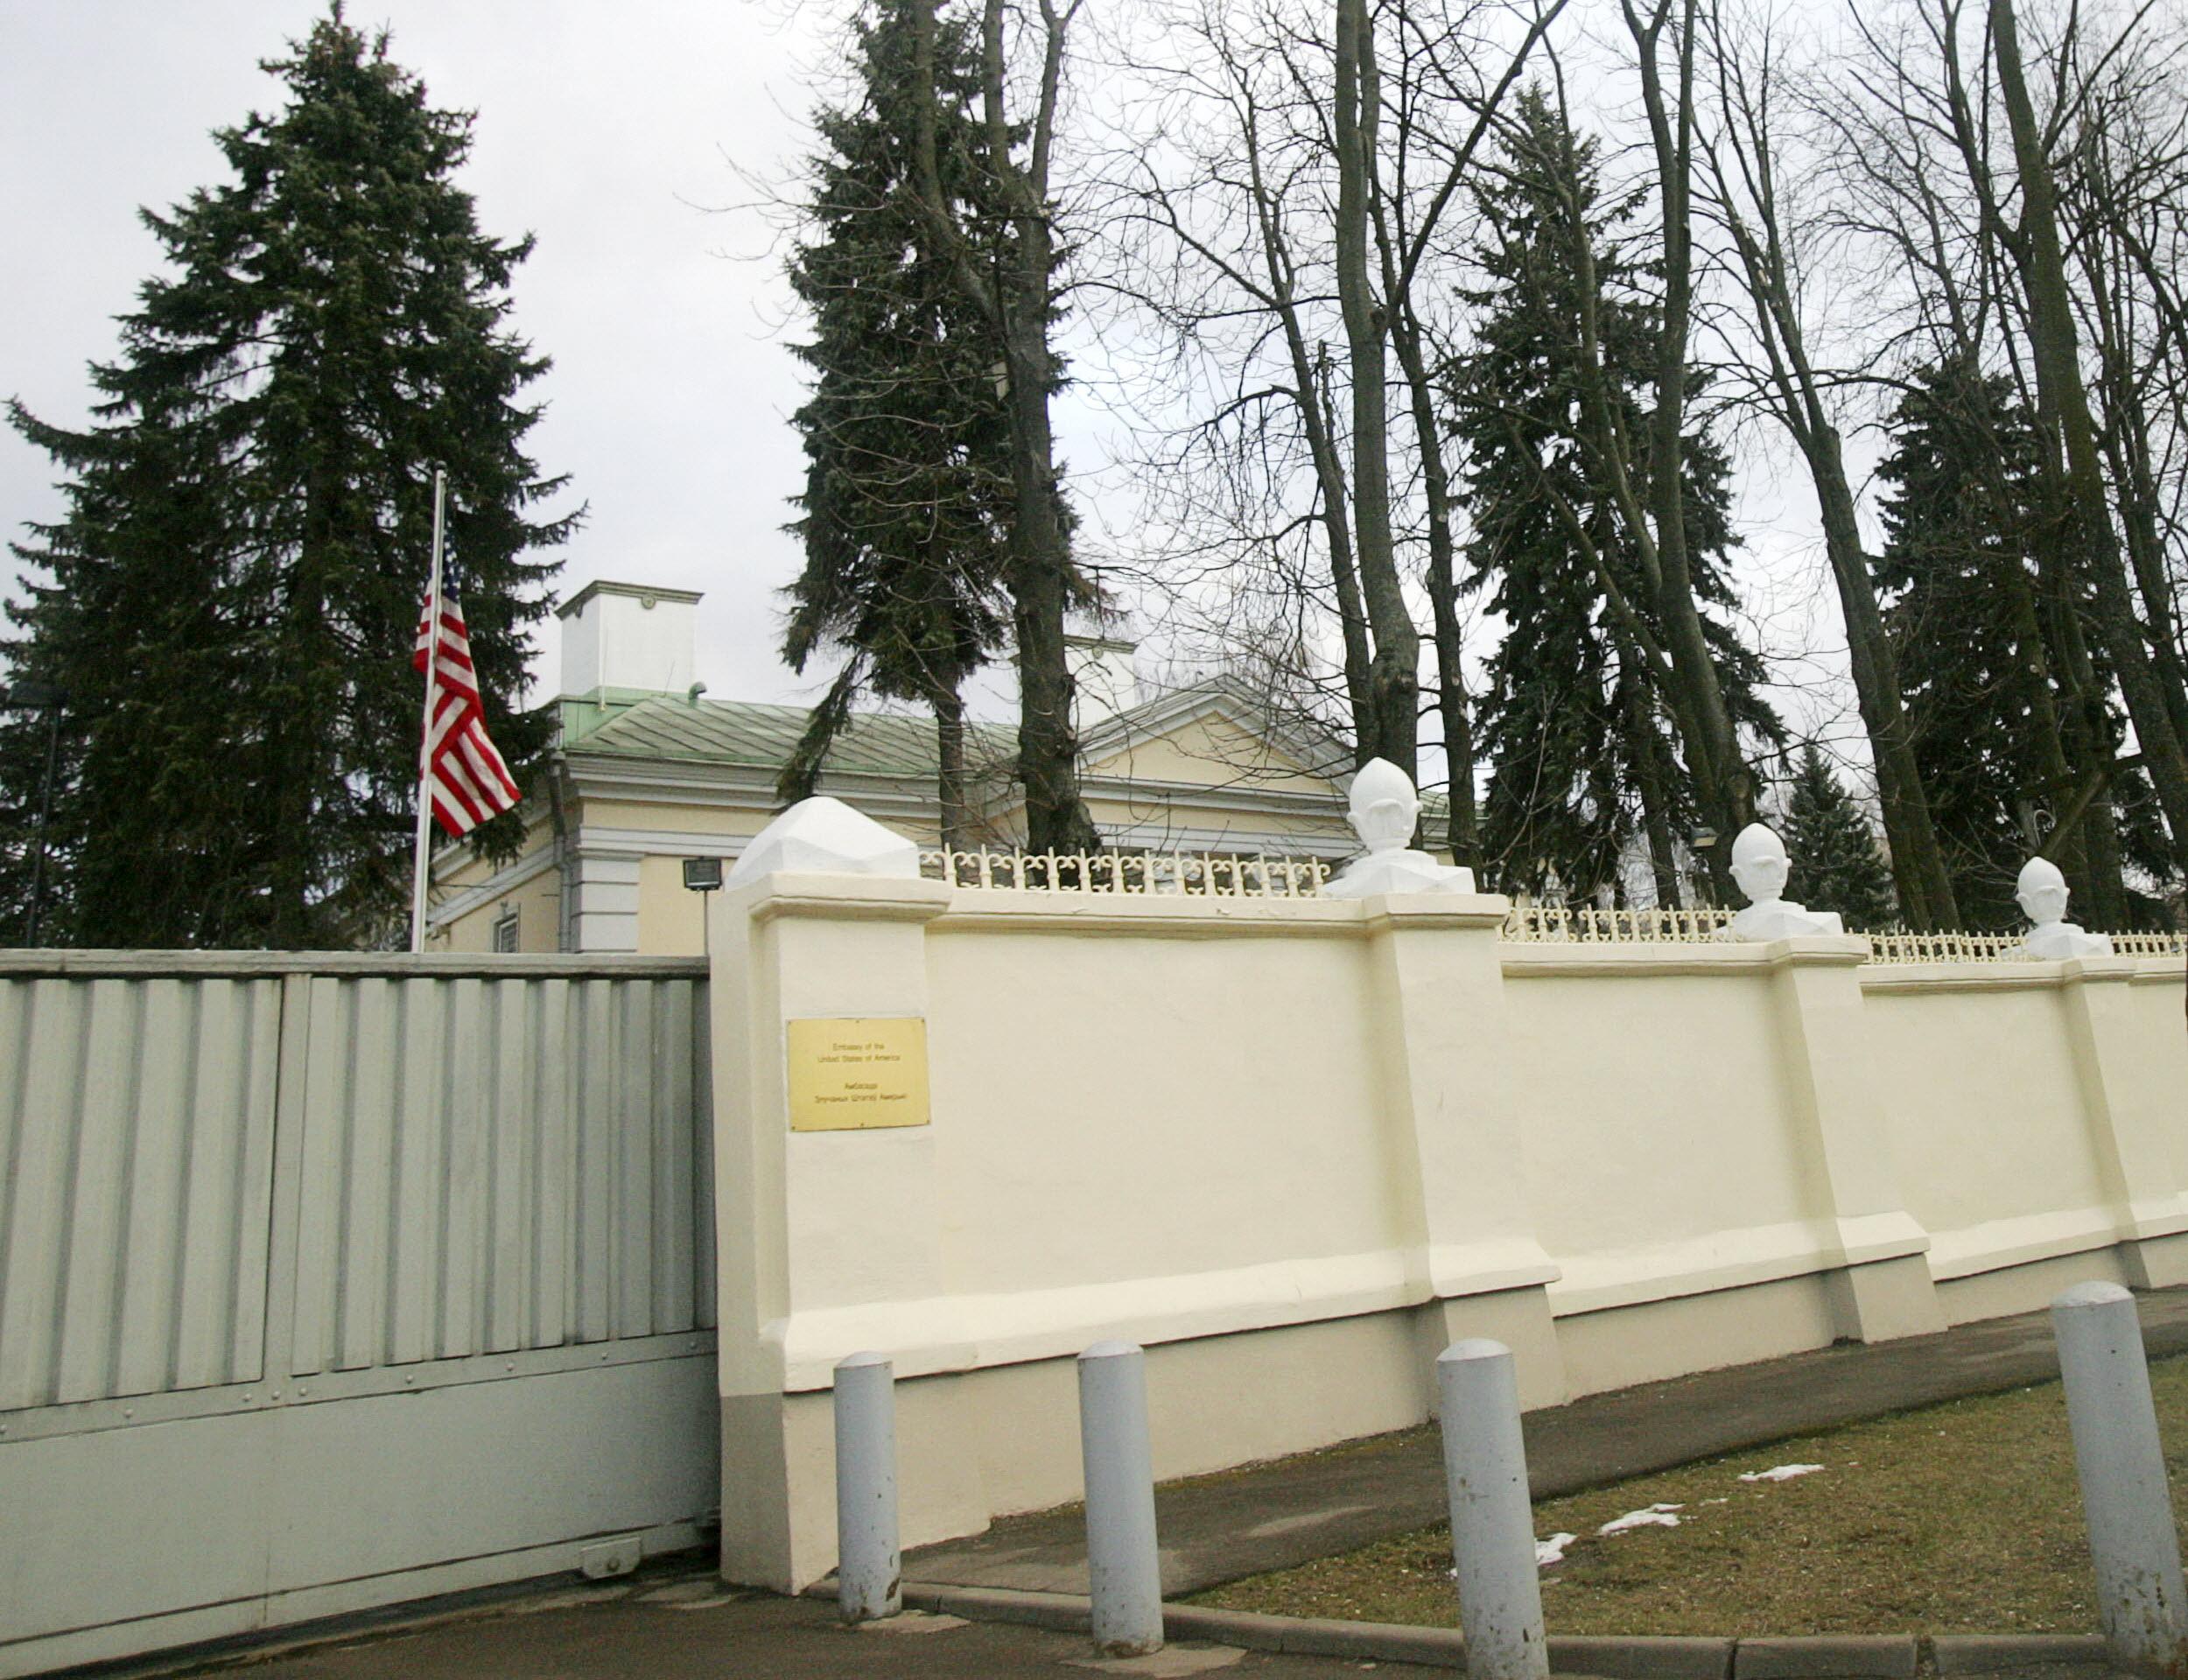 SUA anunta inchiderea mai multor ambasade si consulate duminica, din motive de securitate